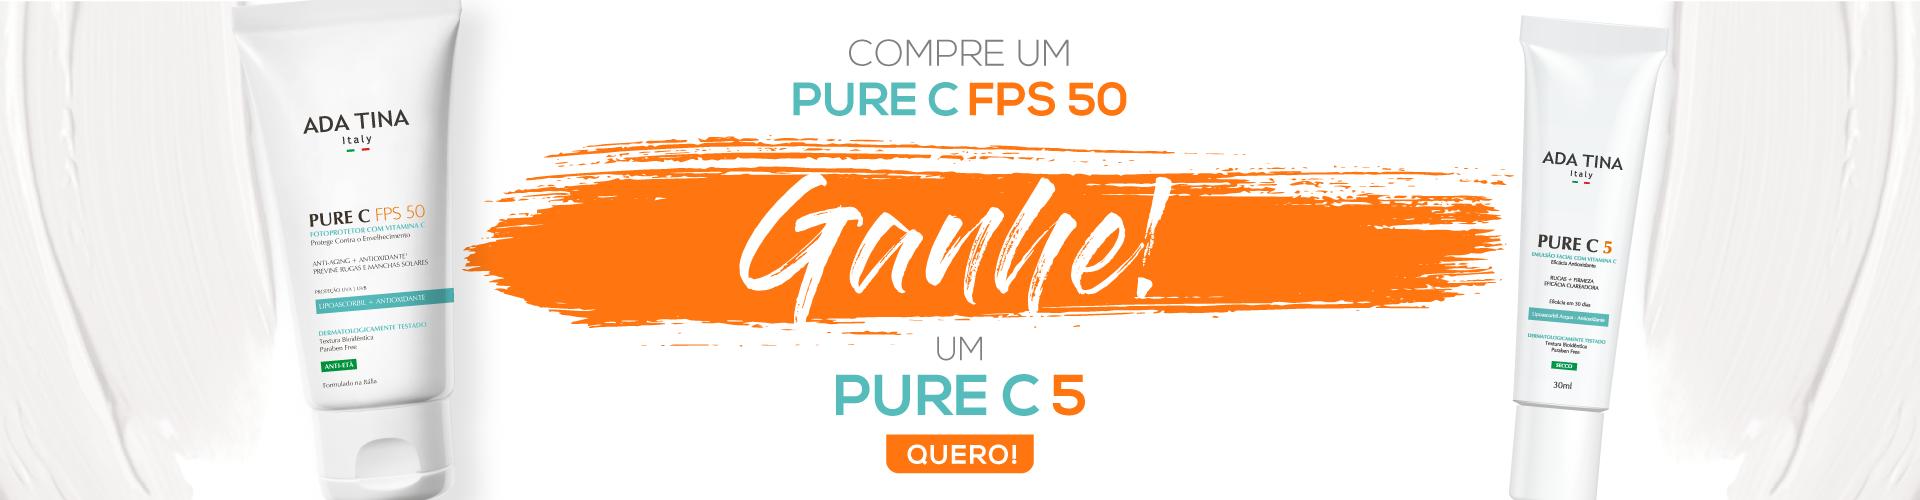 PROMOÇÃO PURE C FPS 50